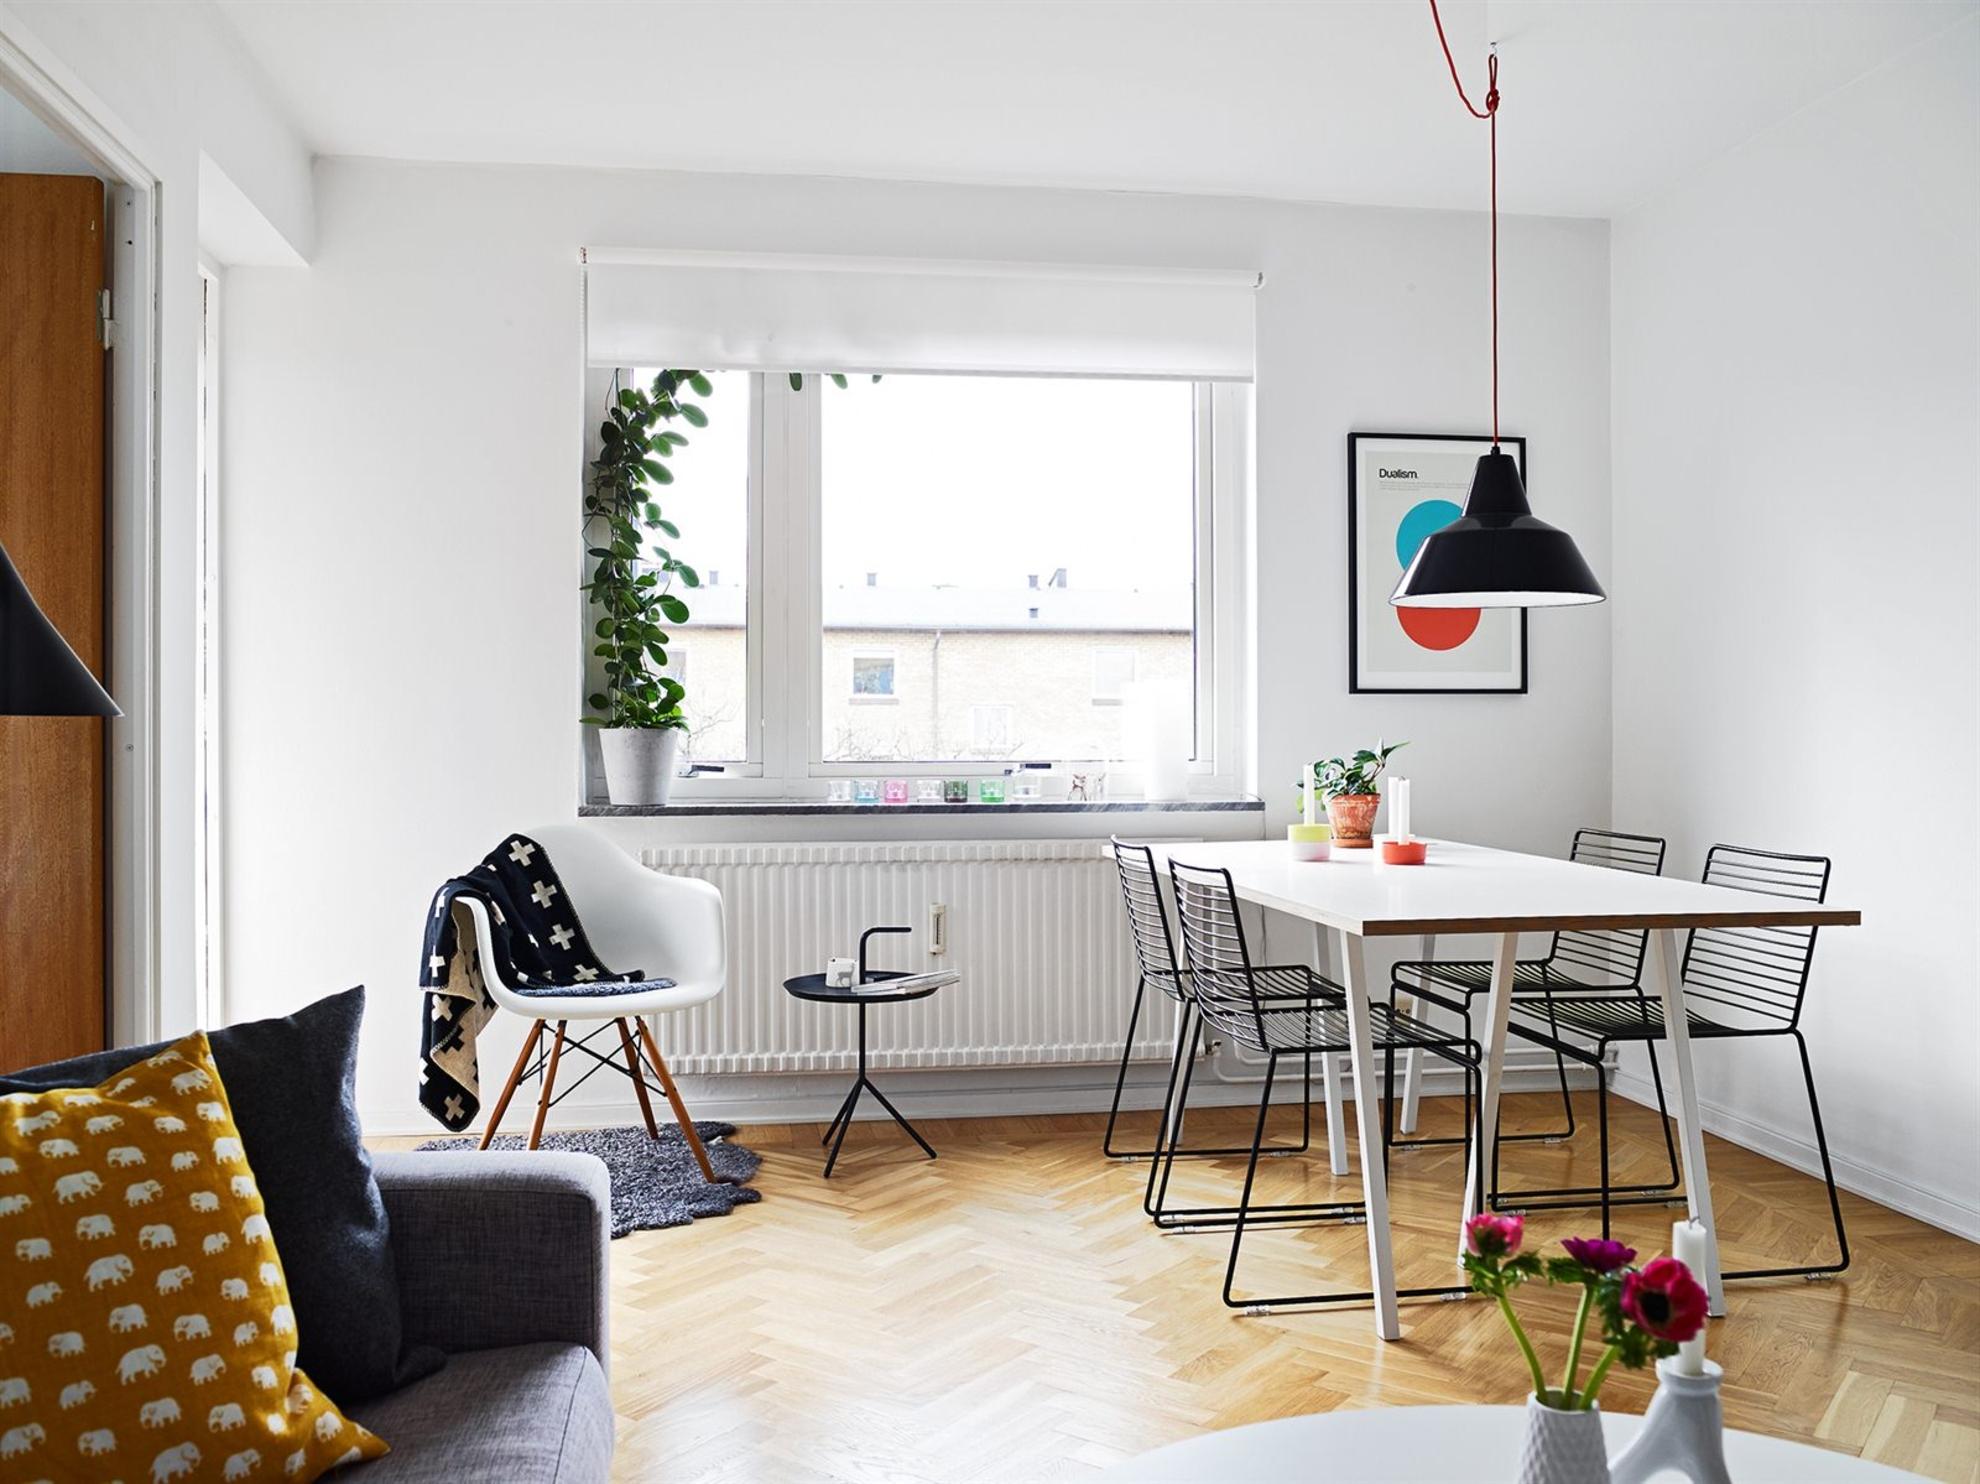 decoracion de living comedor en espacios pequeos muebles ligeros para ganar espacio visual blog decoracin